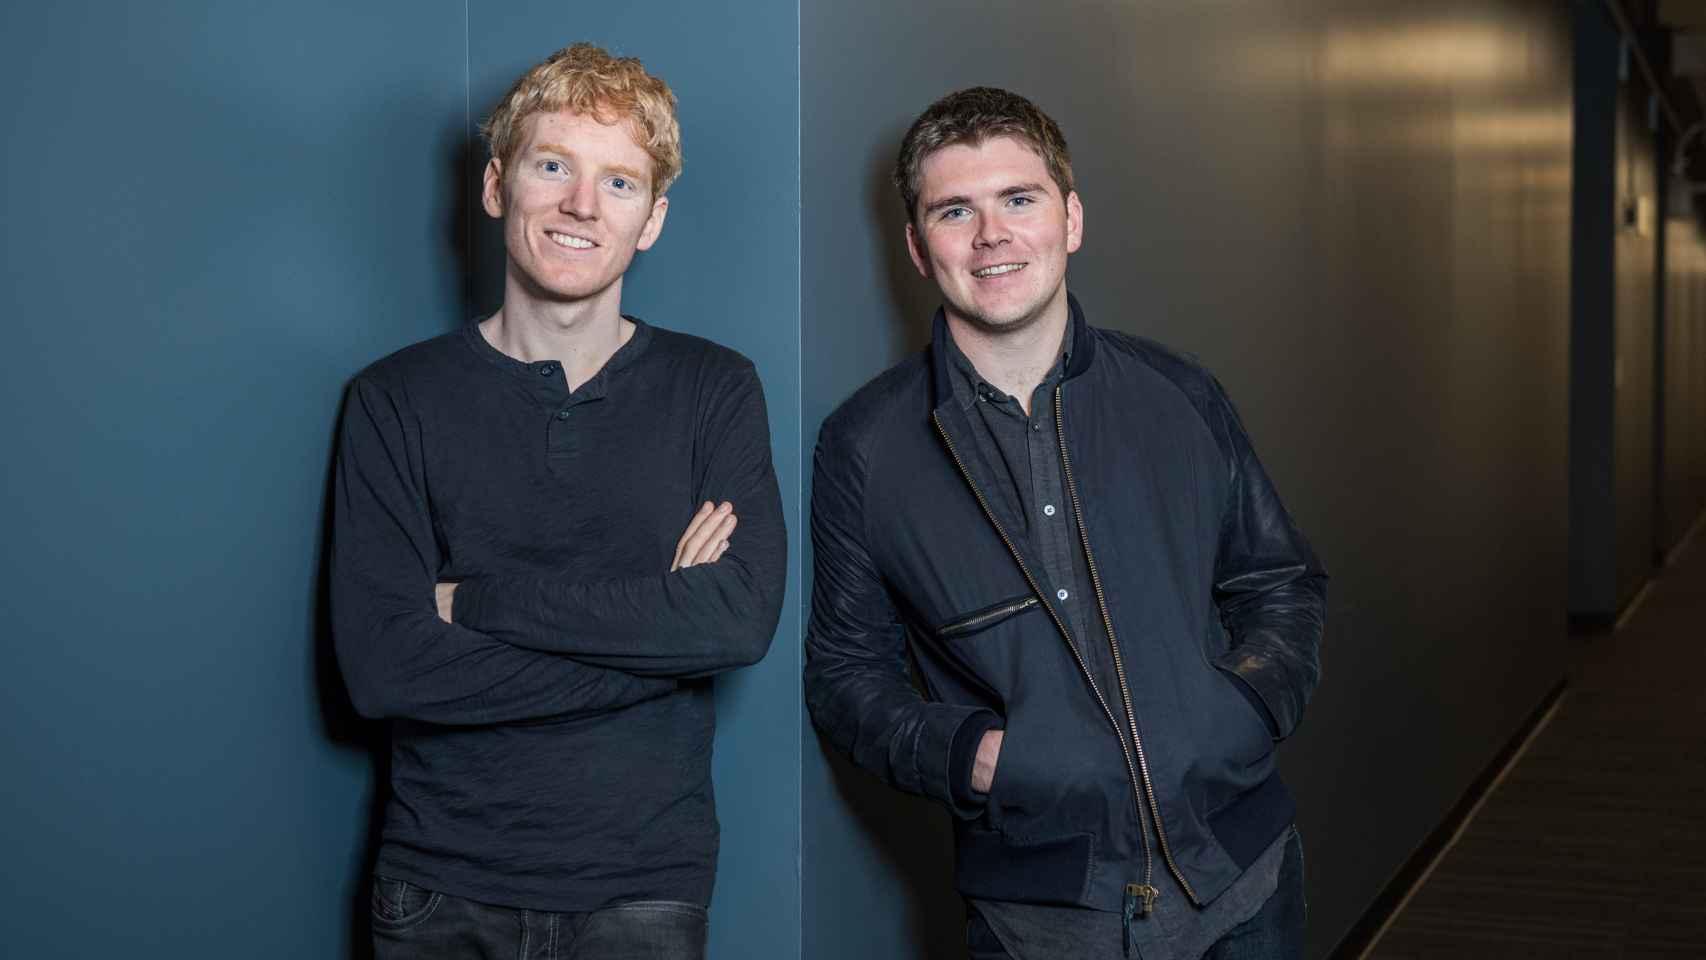 Patrick y John Collison, fundadores de Stripe.